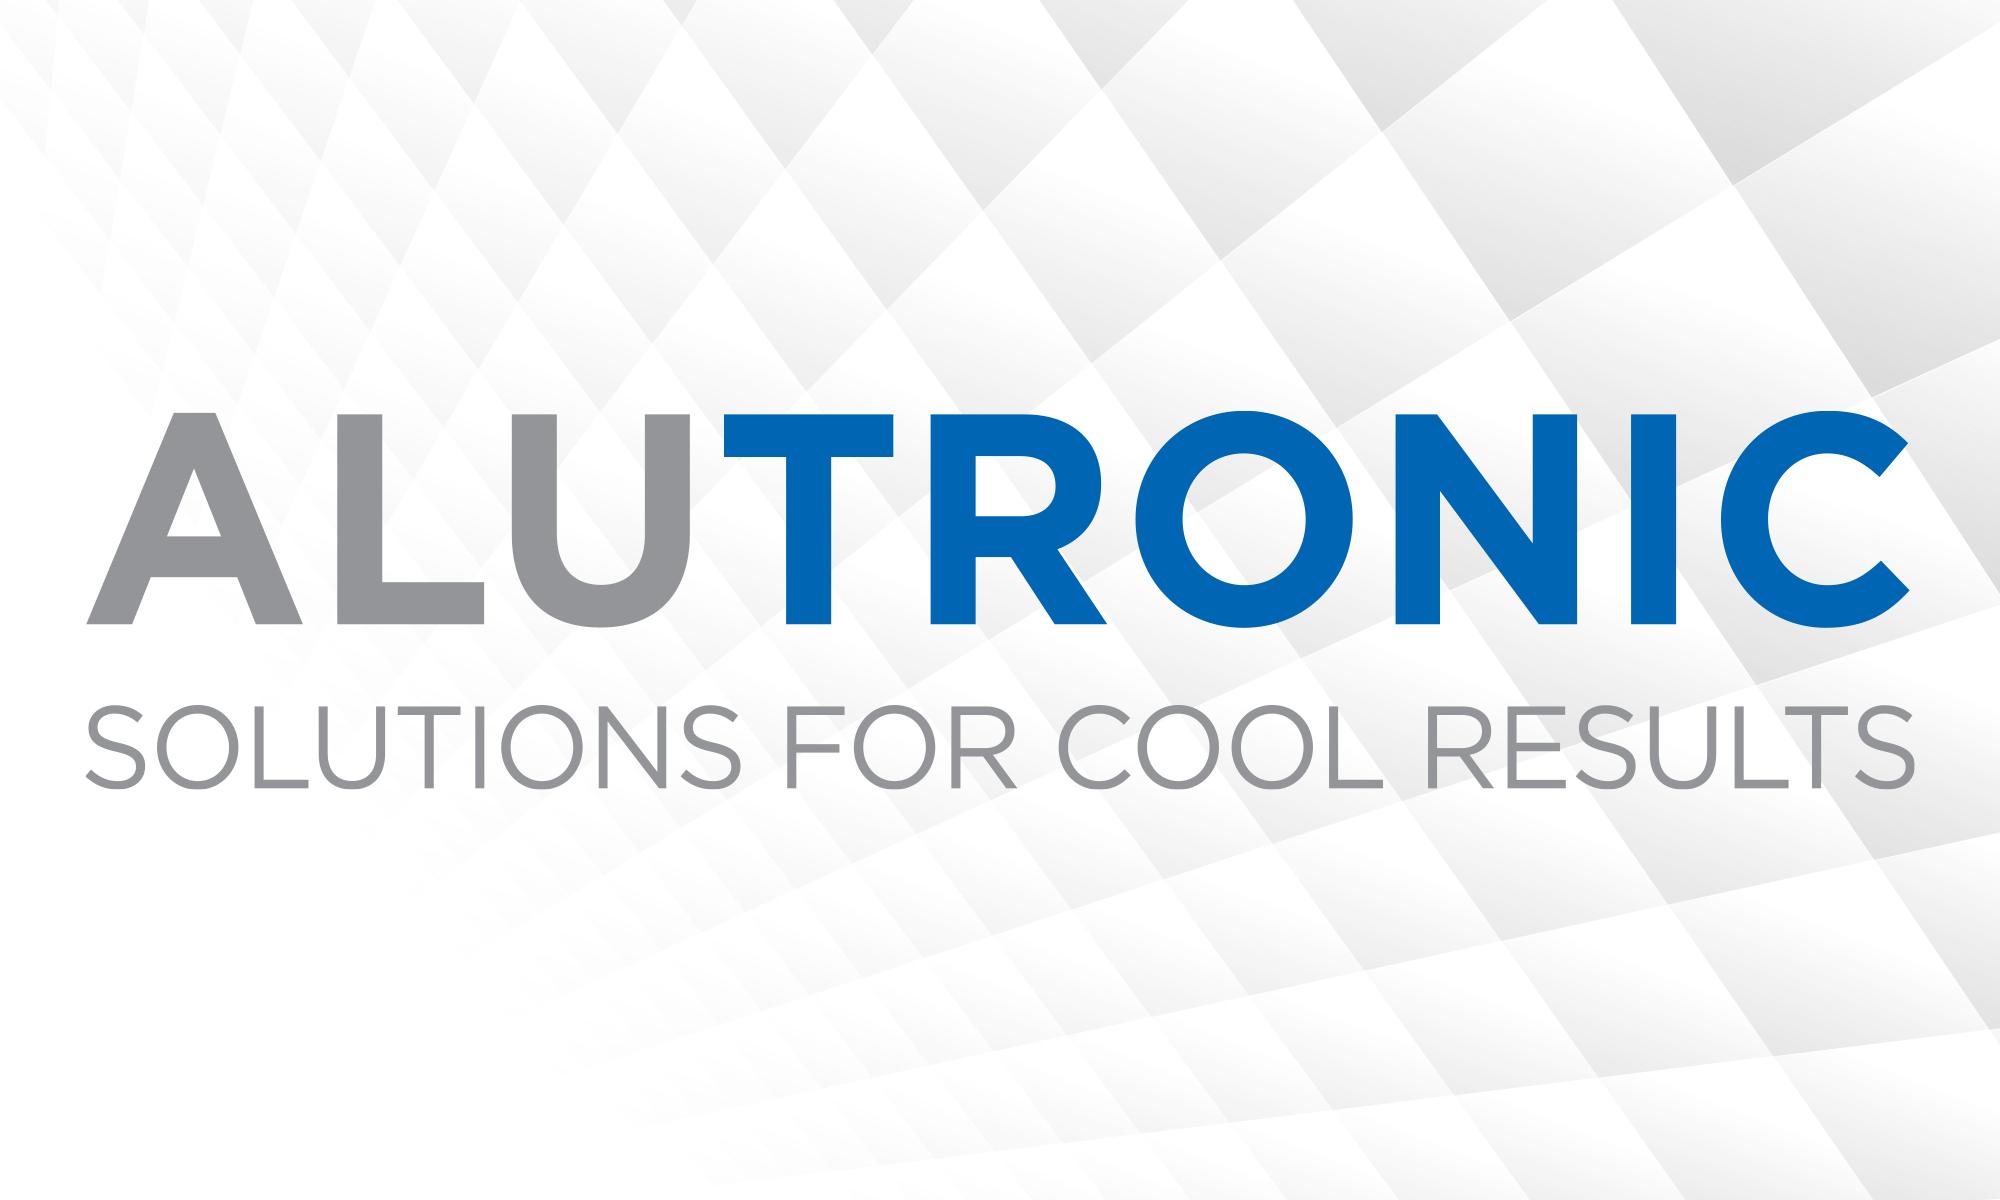 Продукция Alutronic в предложении TME